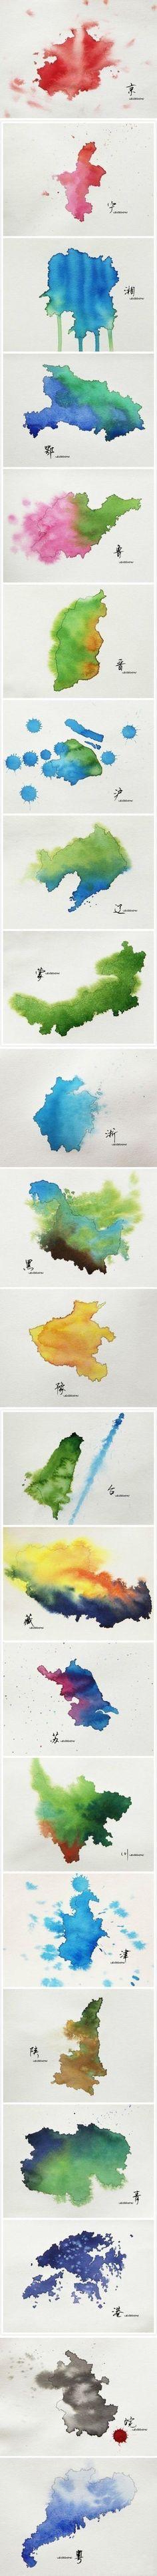 将中国各省的轮廓以特殊色彩构成水墨形式展... 来自这不是历史 - 微博